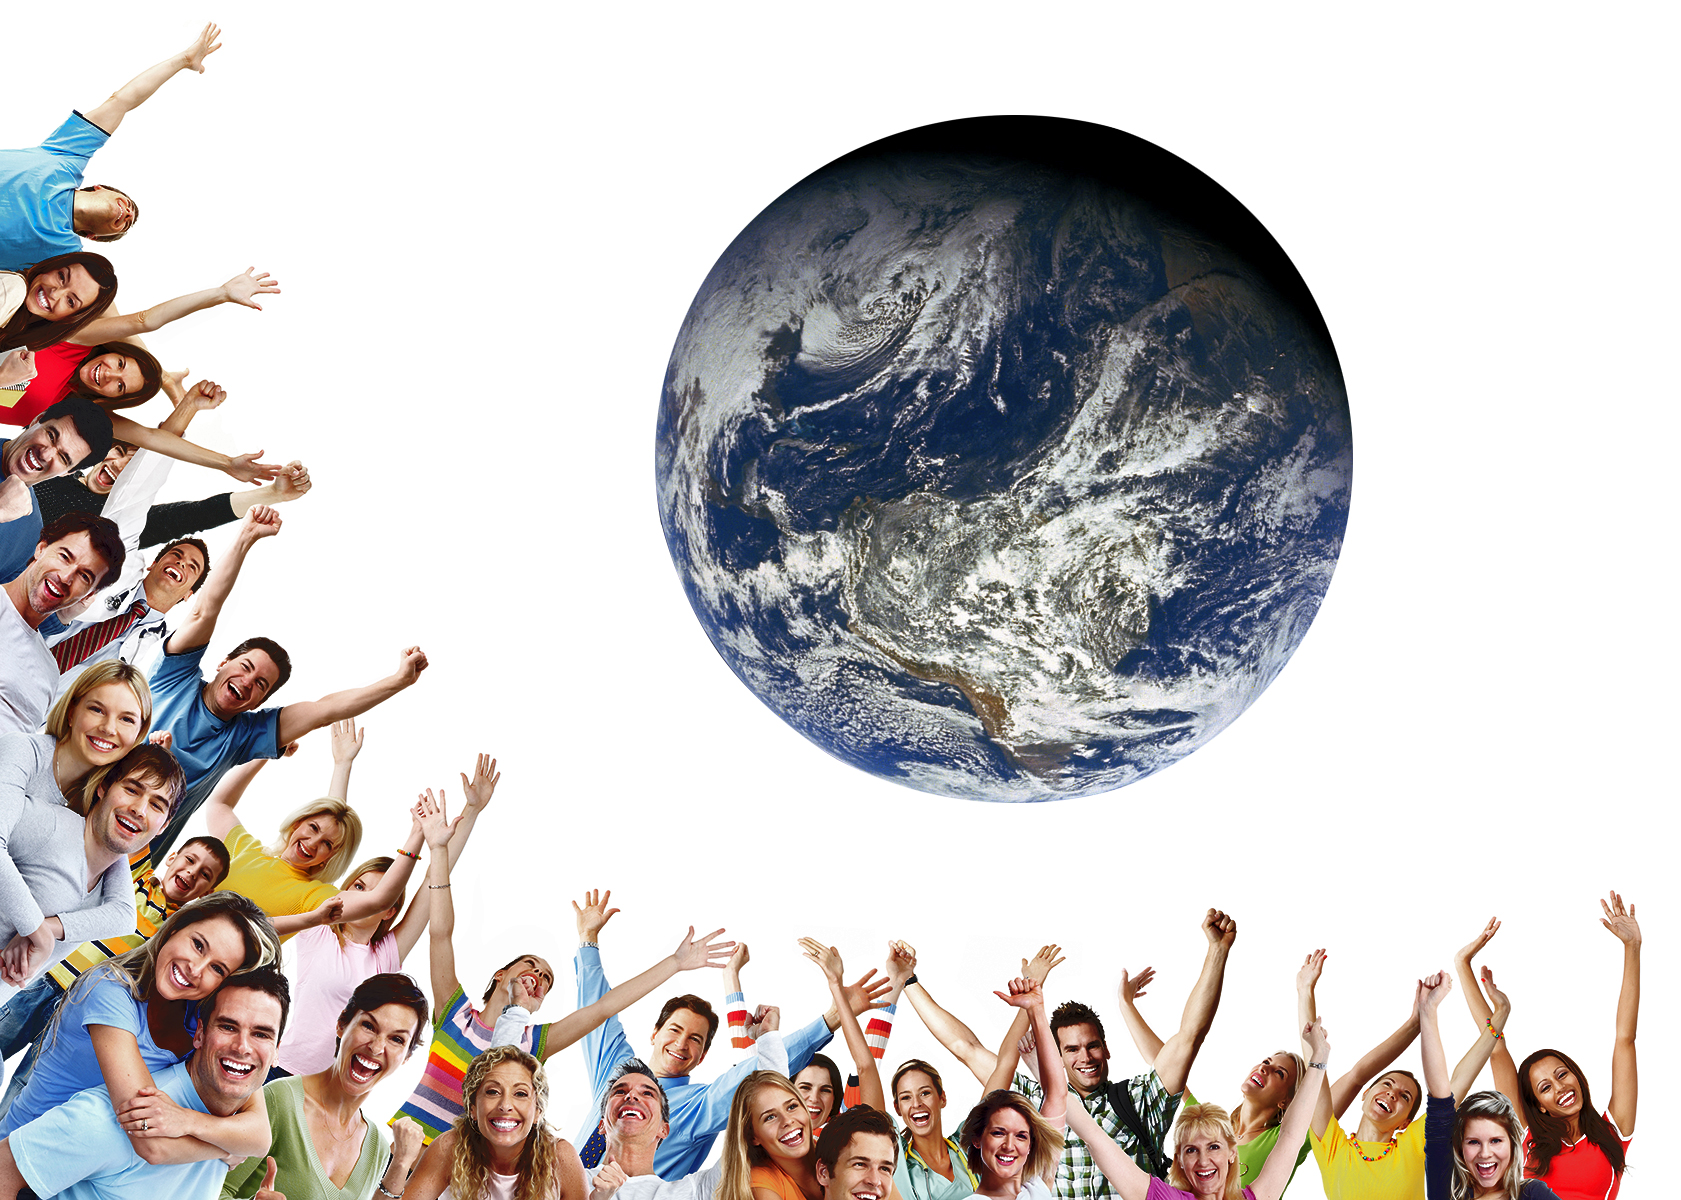 Pongamos nuestro granito de arena para mejorar la Tierra